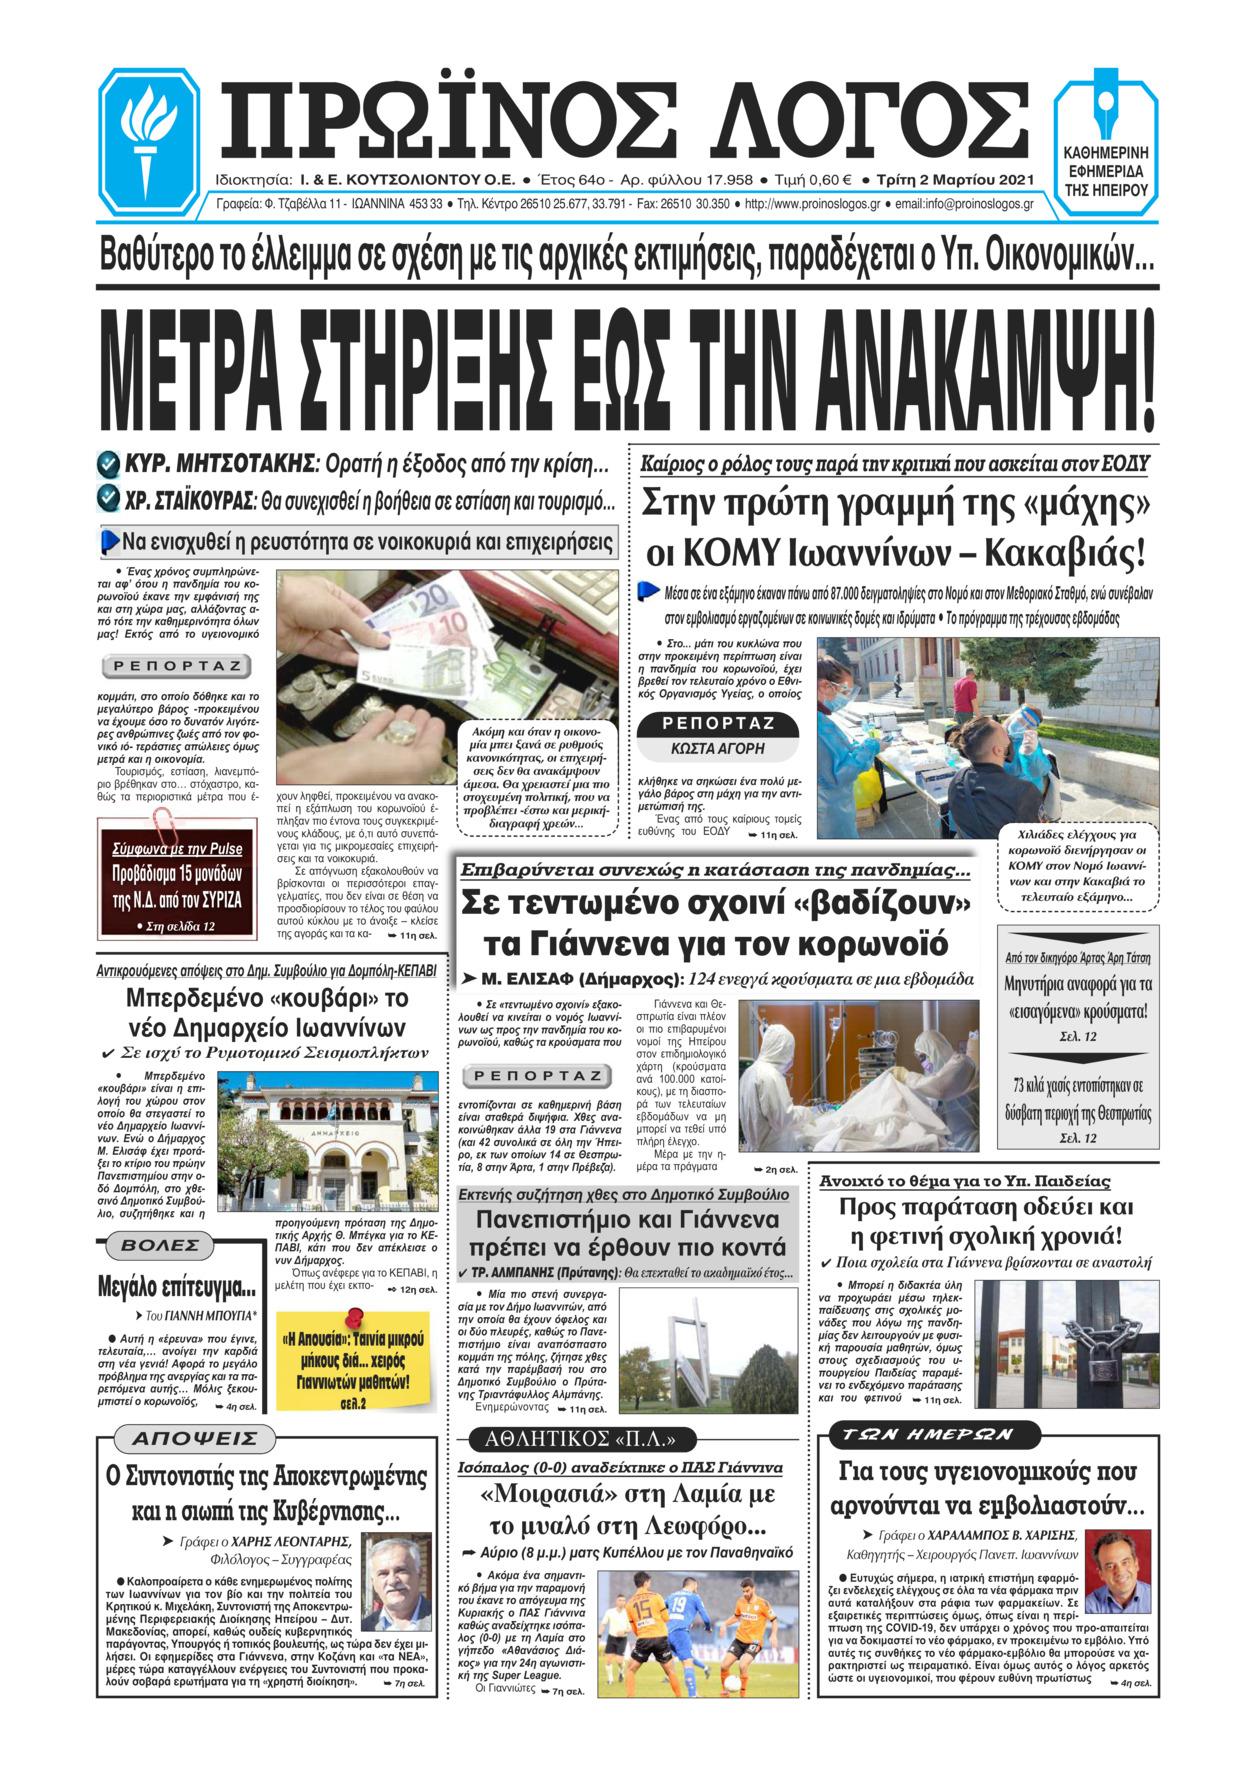 Πρωτοσέλιδο εφημερίδας Πρωινός λόγος Ιωαννίνων